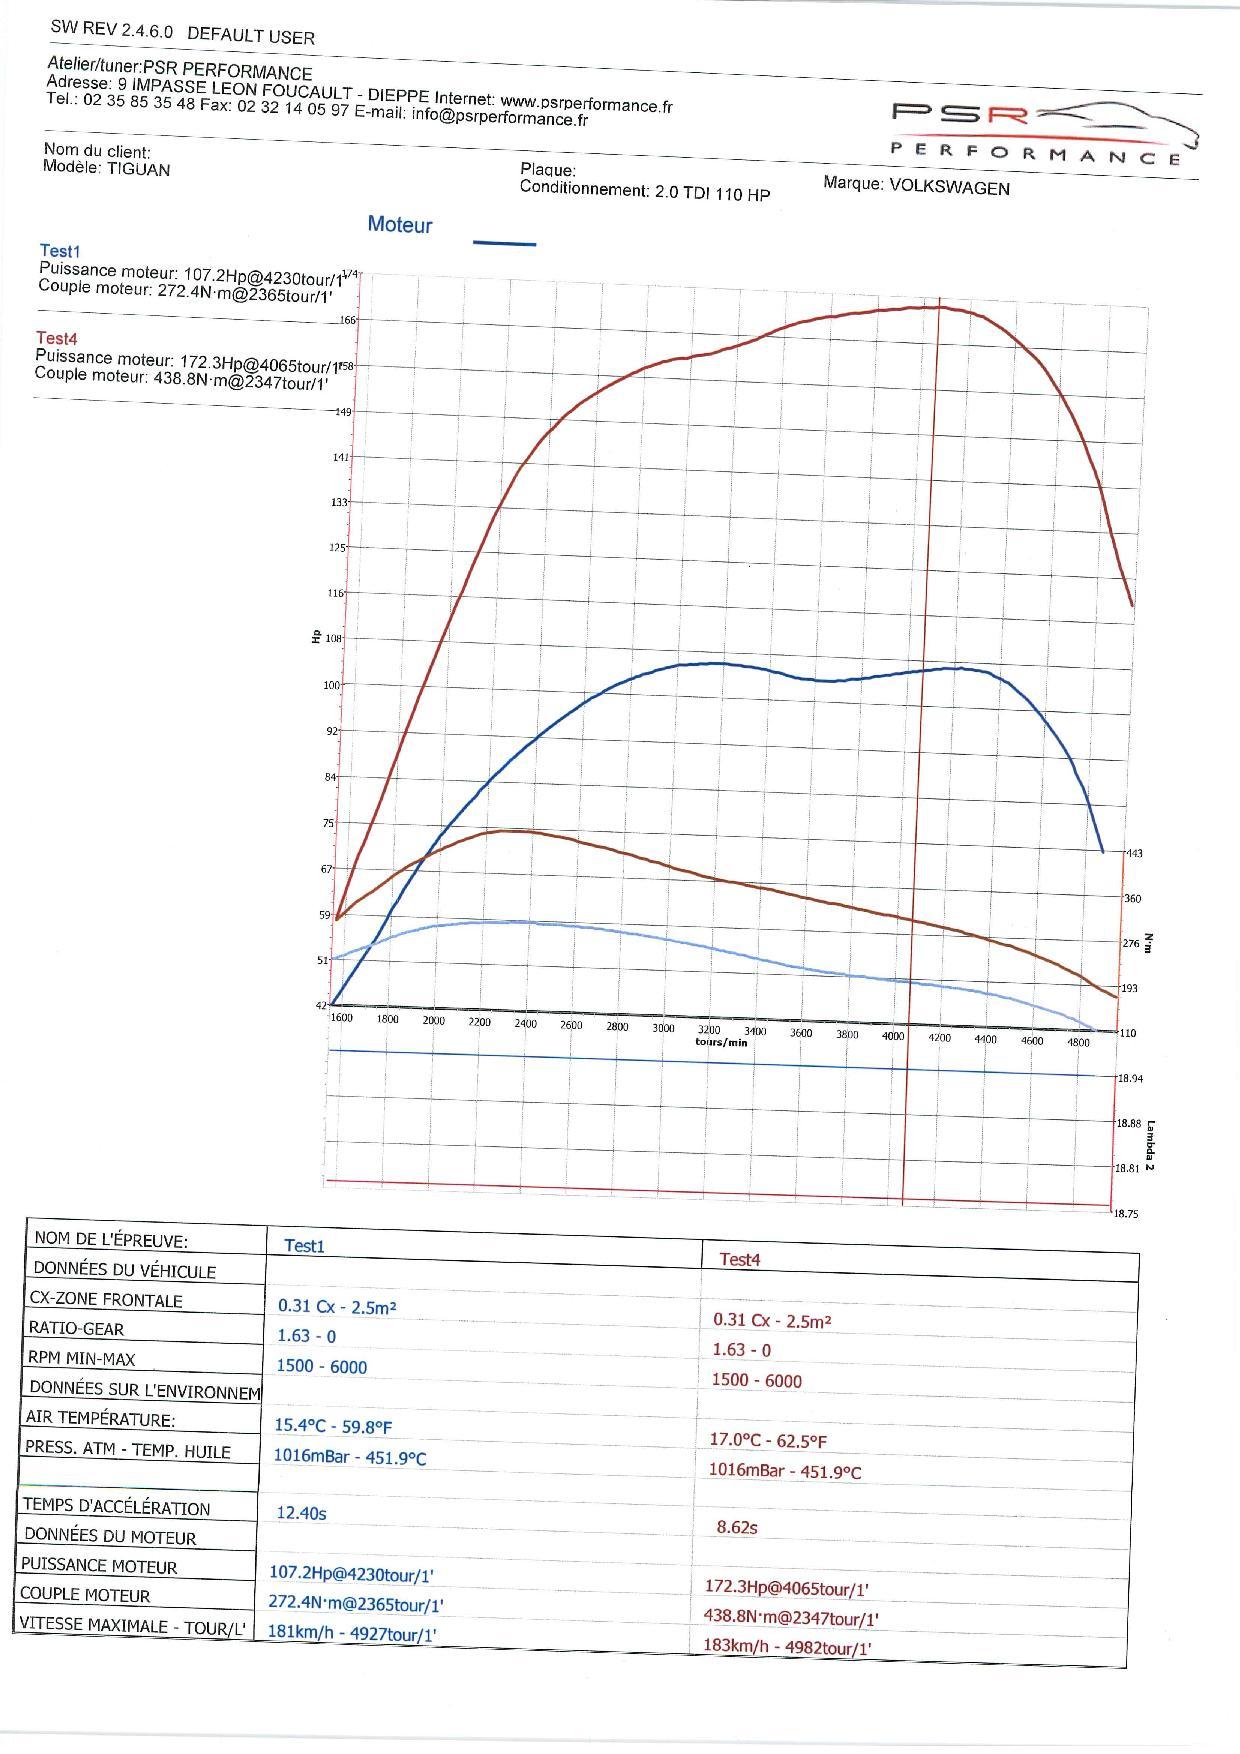 VOLKSWAGEN TIGUAN 2.0 TDI 140 HP